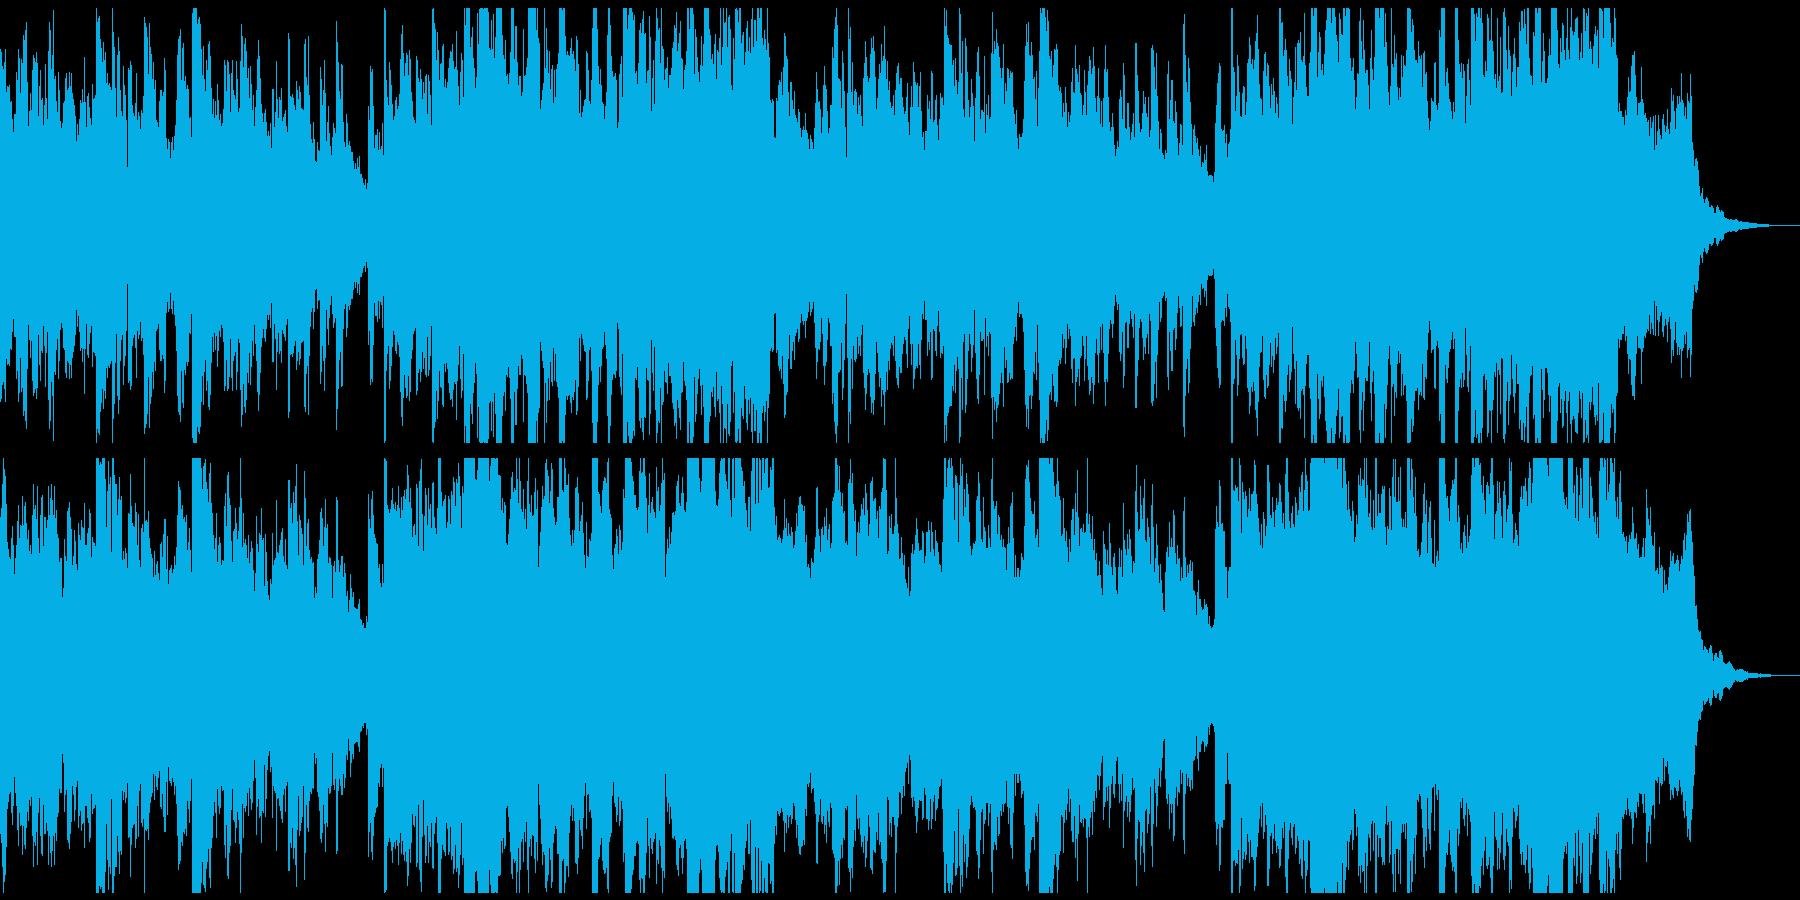 薄気味悪い、何かが起こりそうな音楽の再生済みの波形